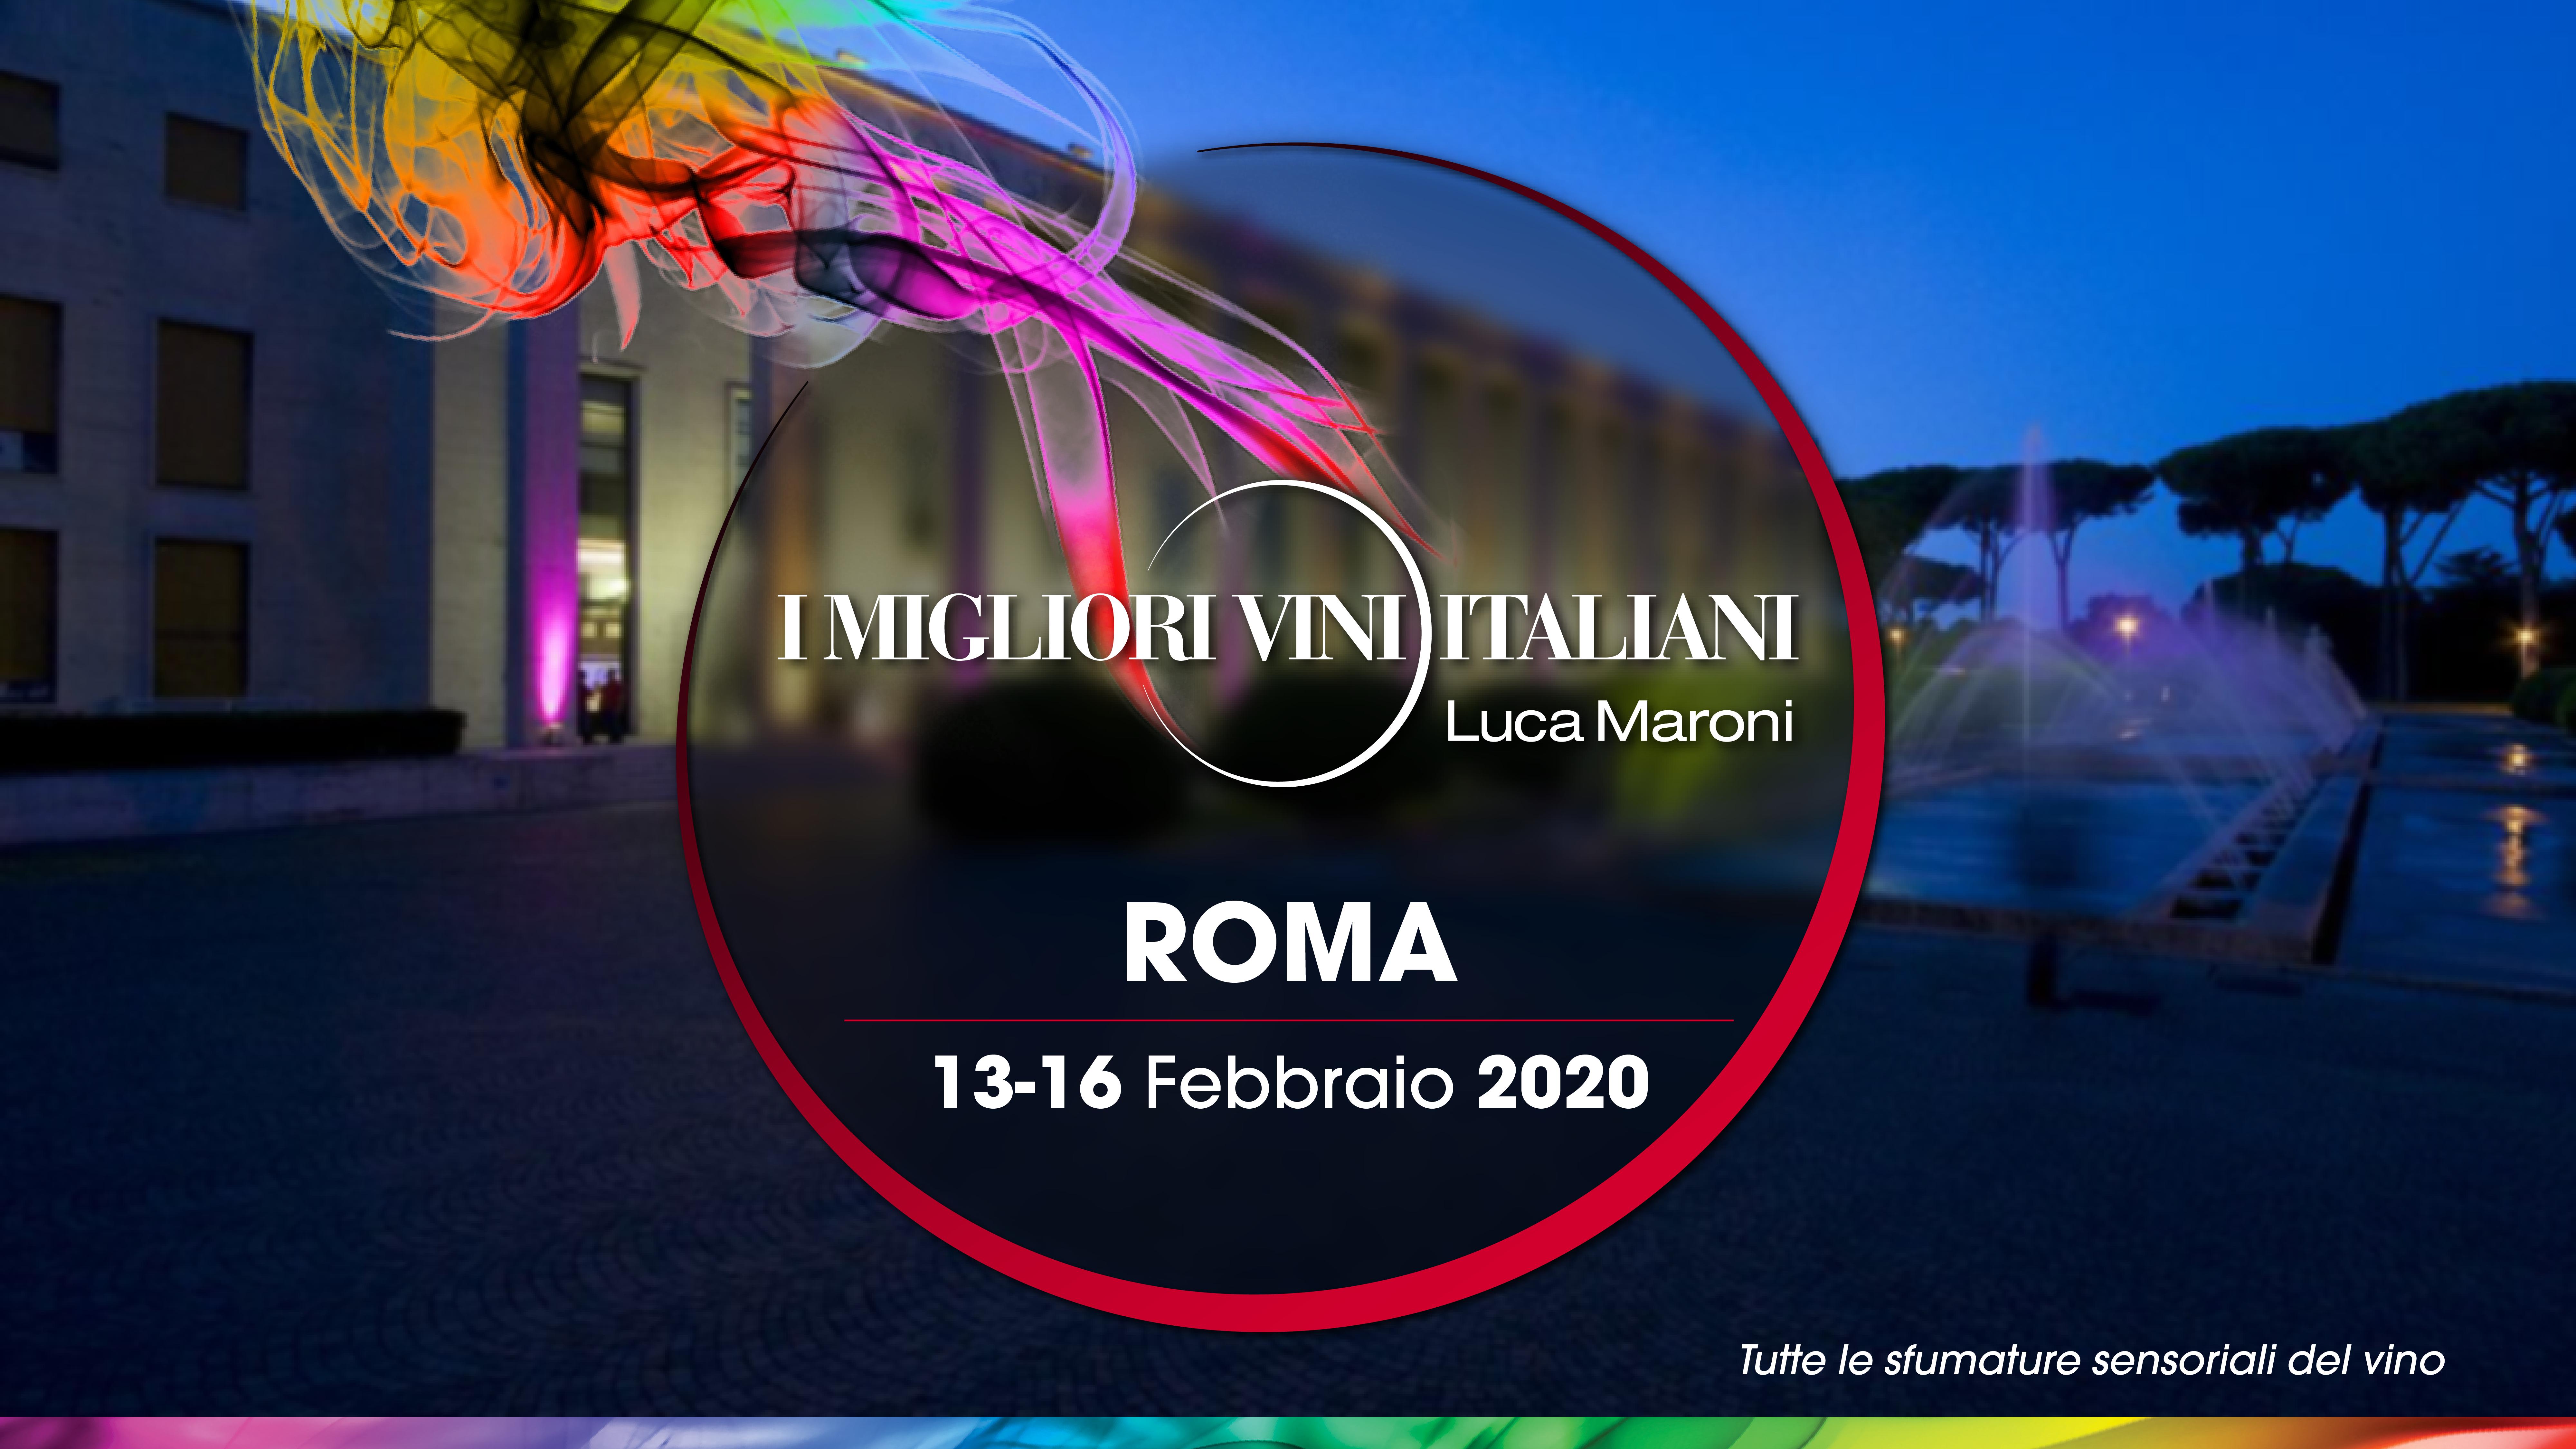 Salone delle Fontane dell'Eur I Migliori Vini Italiani Roma 2020 organizzato da SENS Eventi